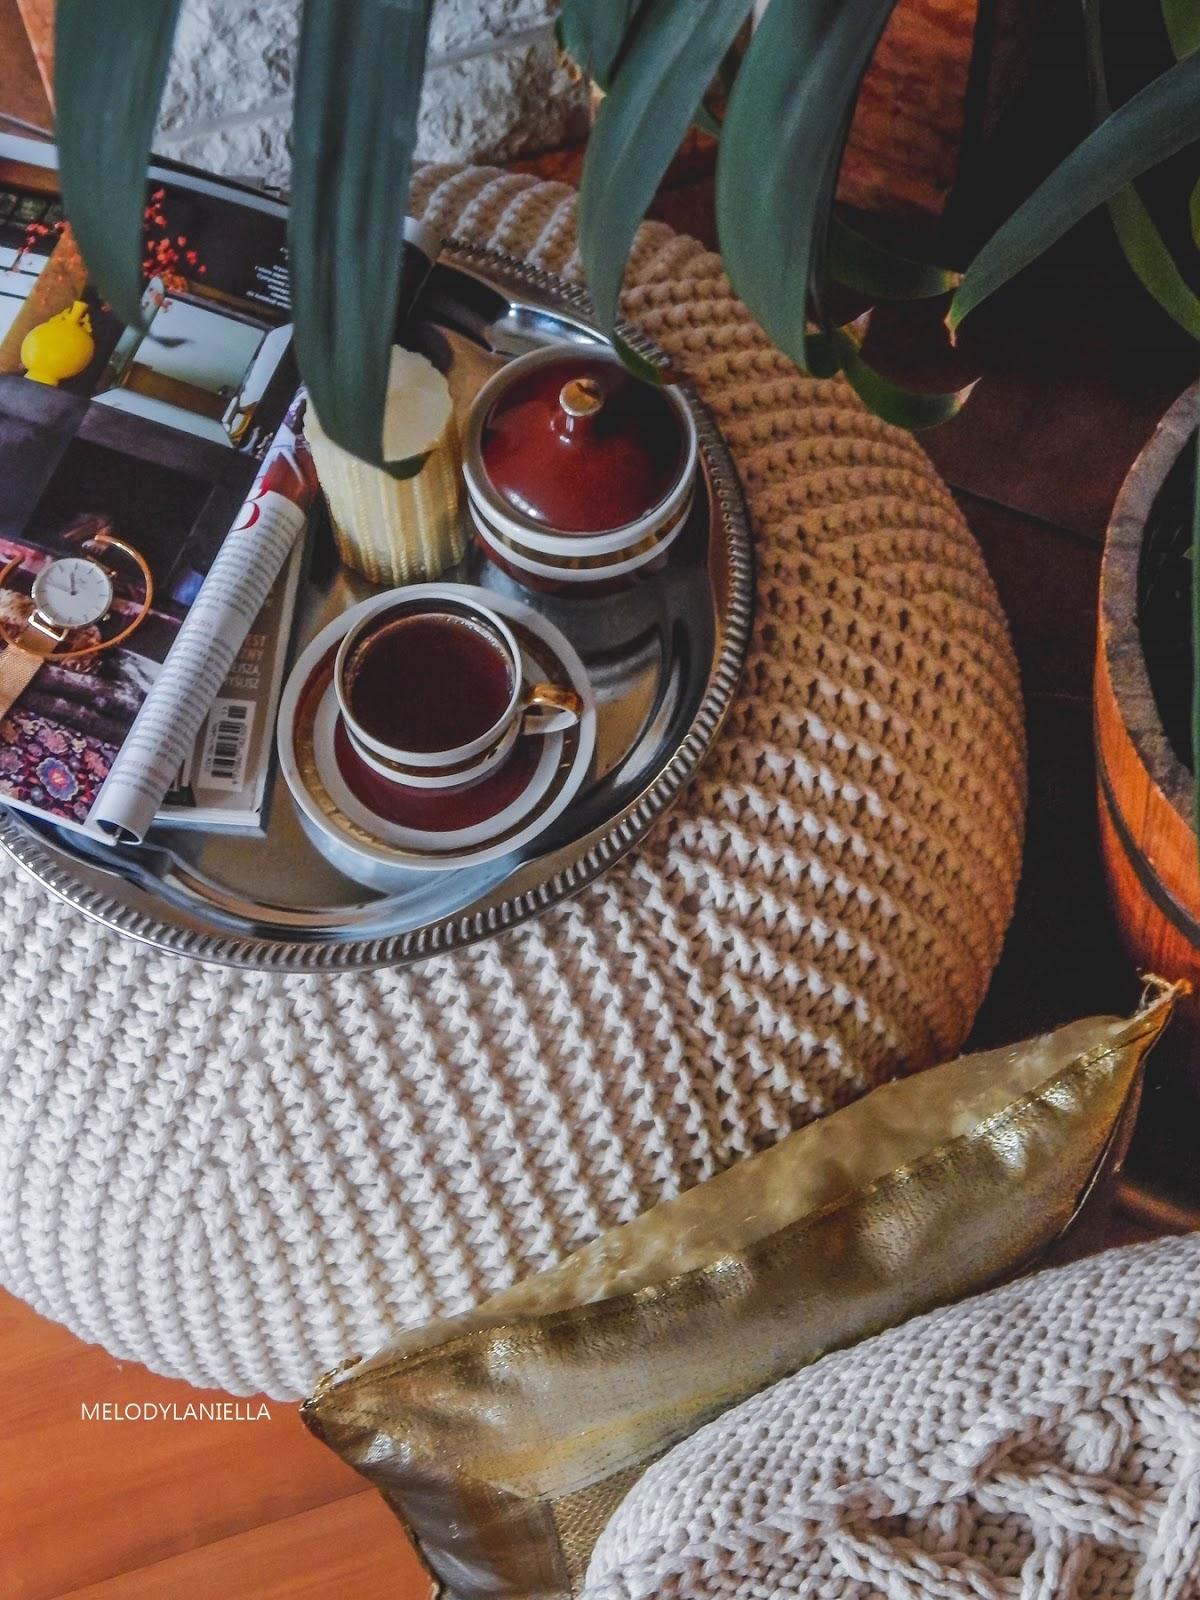 10 filo loop pomysł na biznes iwona trocka pufy poduszki warsztaty handmade robienia na drutach pledy koce shoper bag ze sznurka pomysł na prezent wystrój wnętrz design dodatki do mieszkań i domów handmade